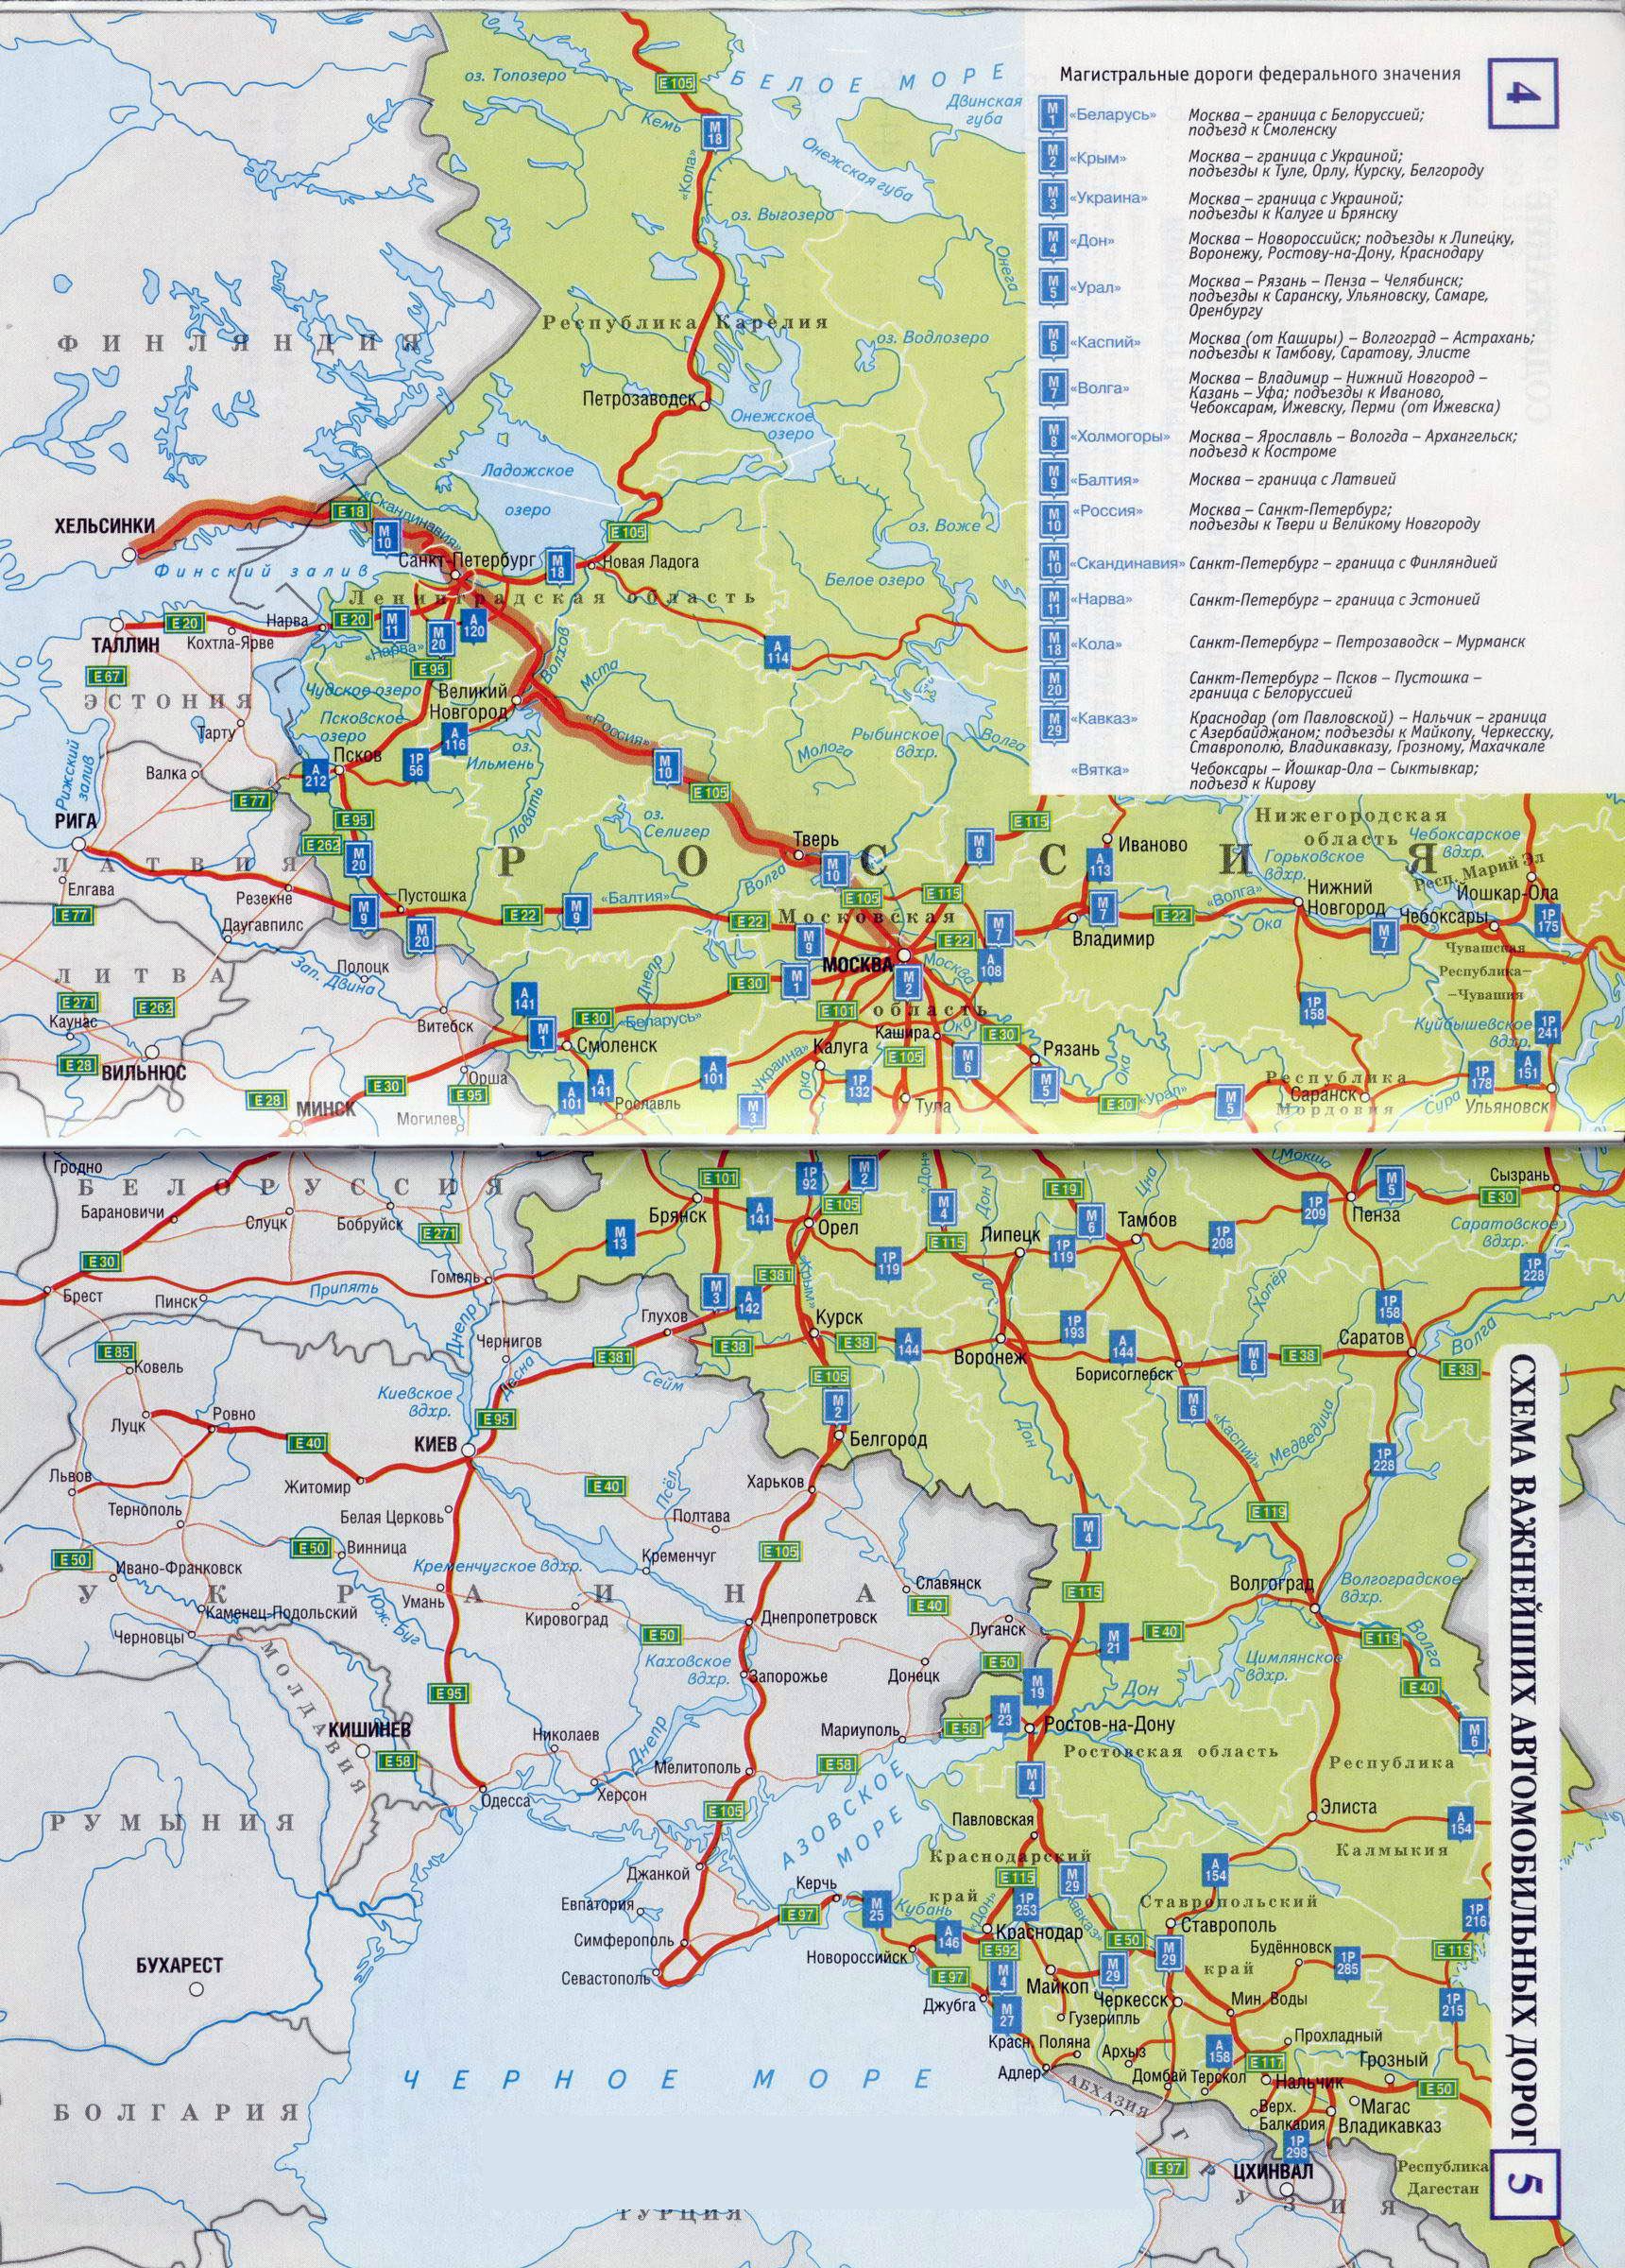 Grande Detallado Mapa De Carreteras De Parte Europea De Rusia En